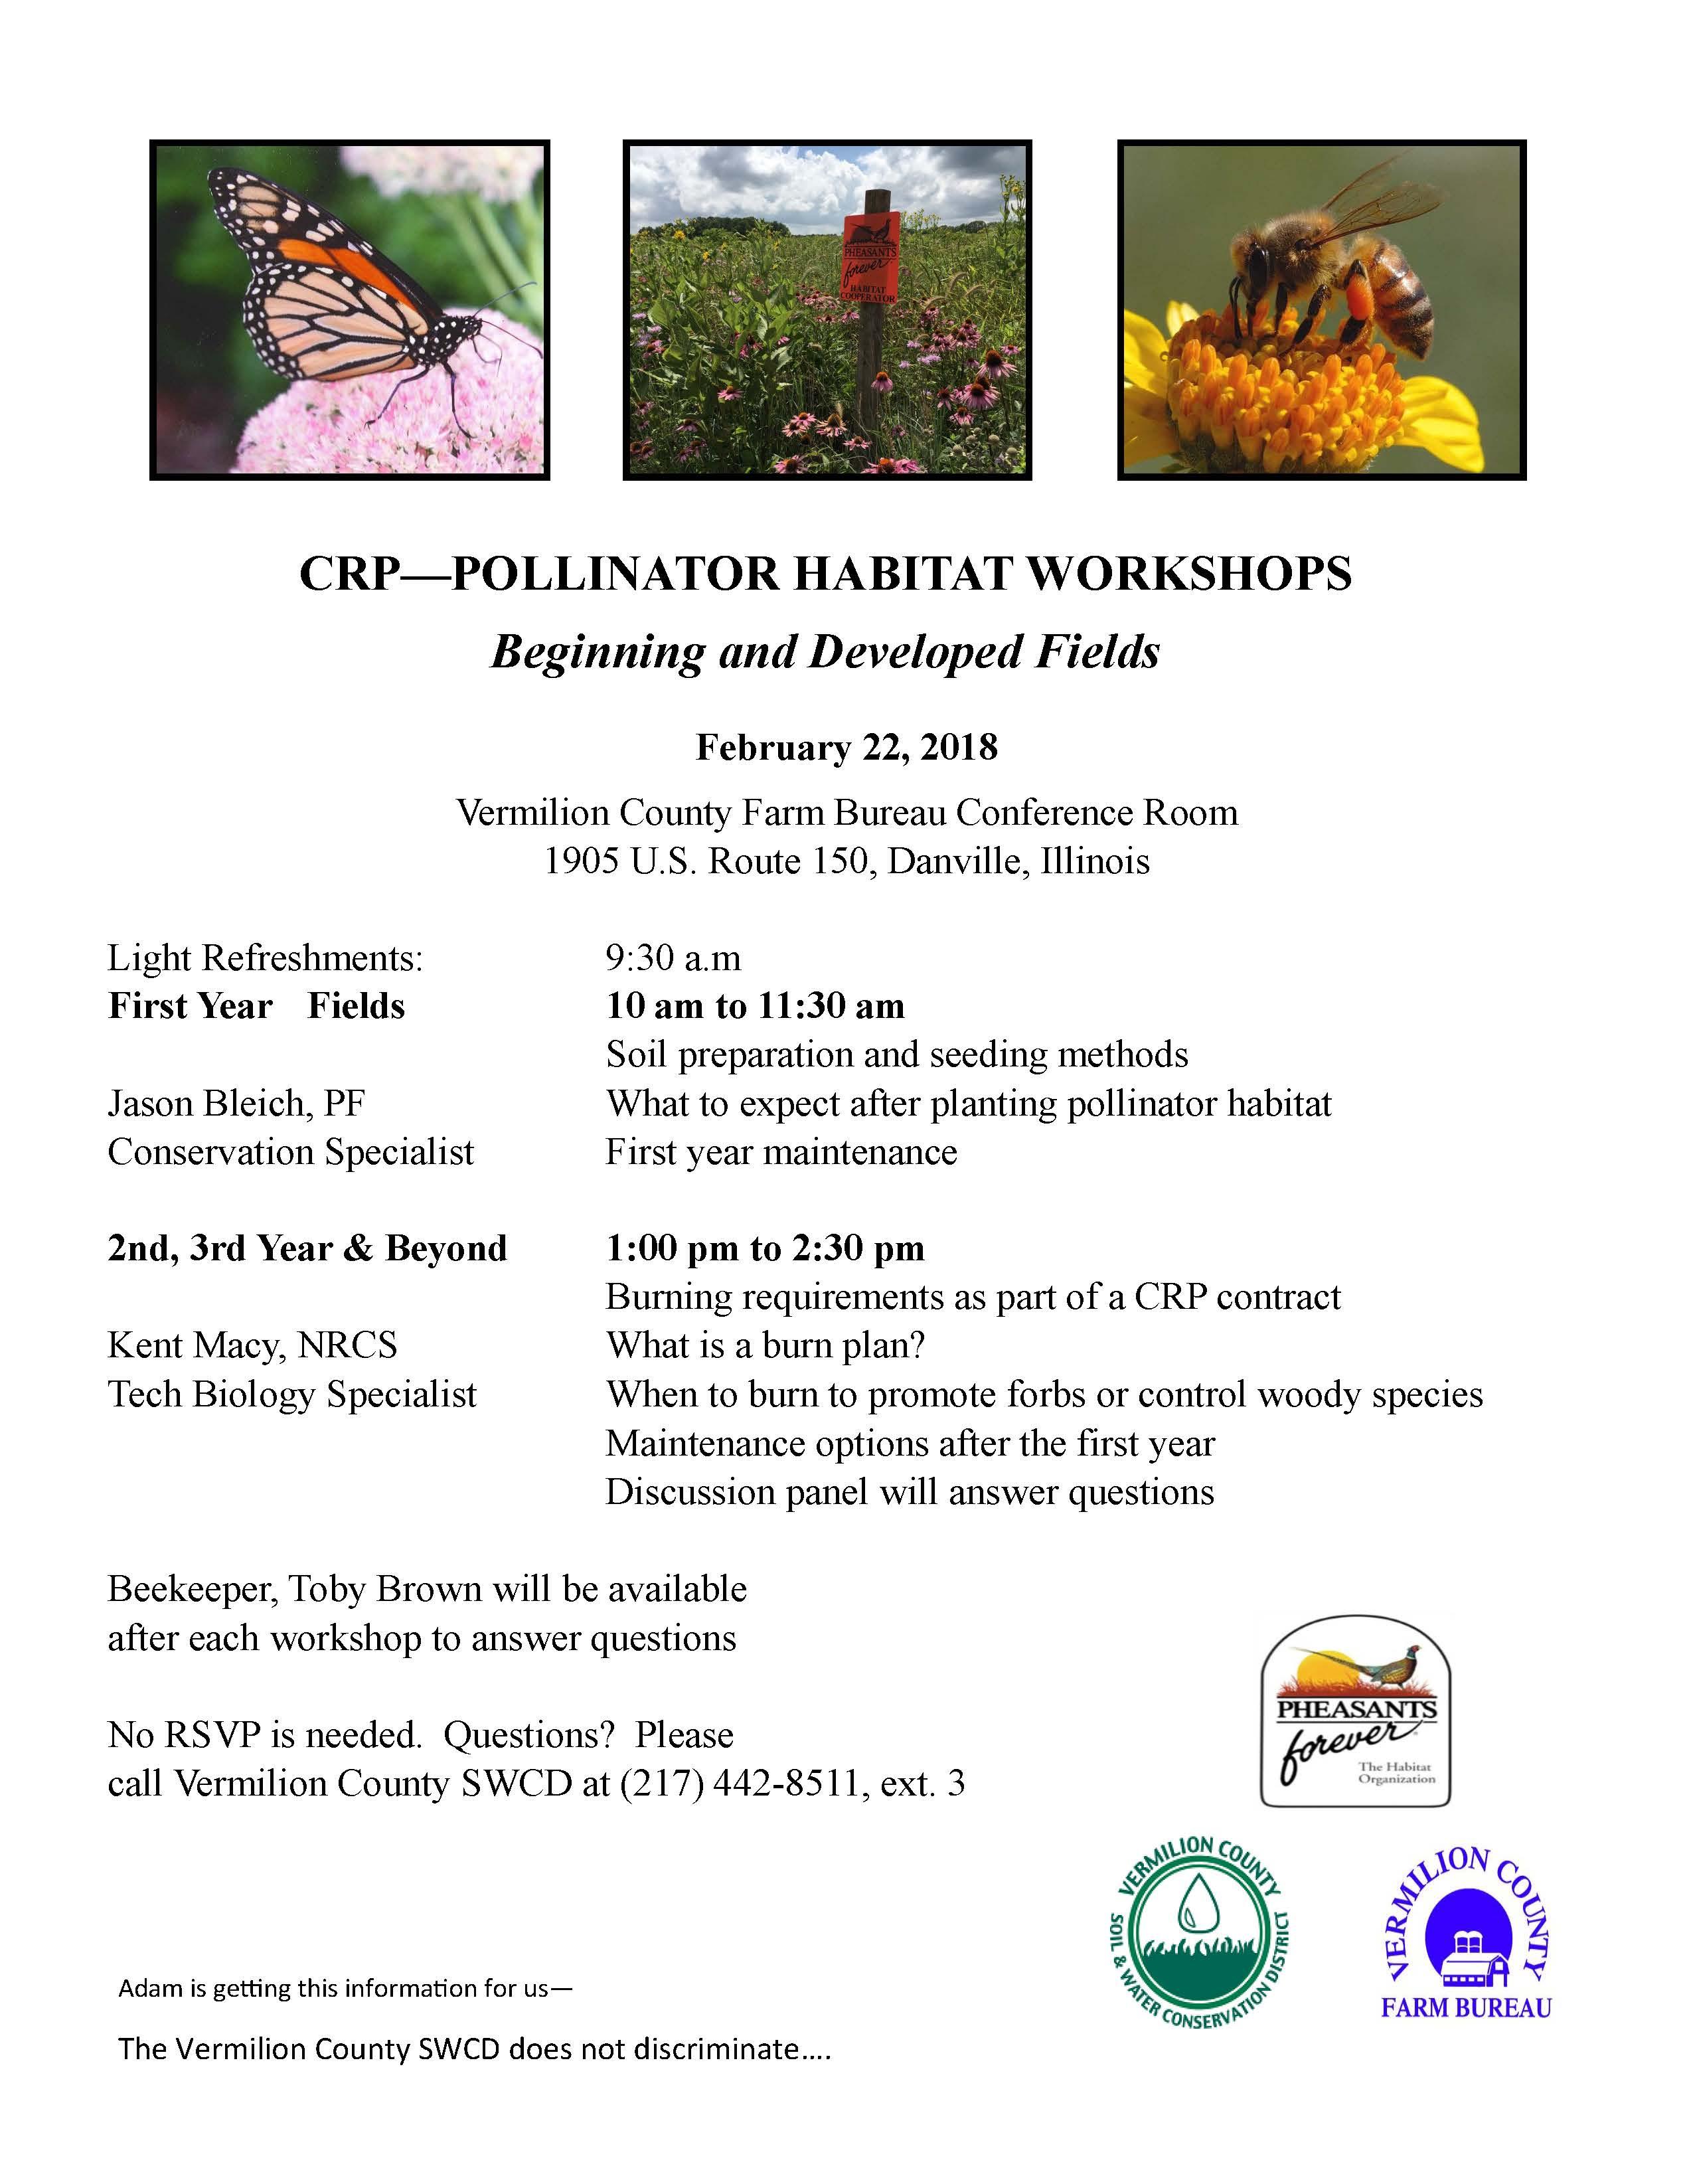 Danville CRP Pollinator Meeting